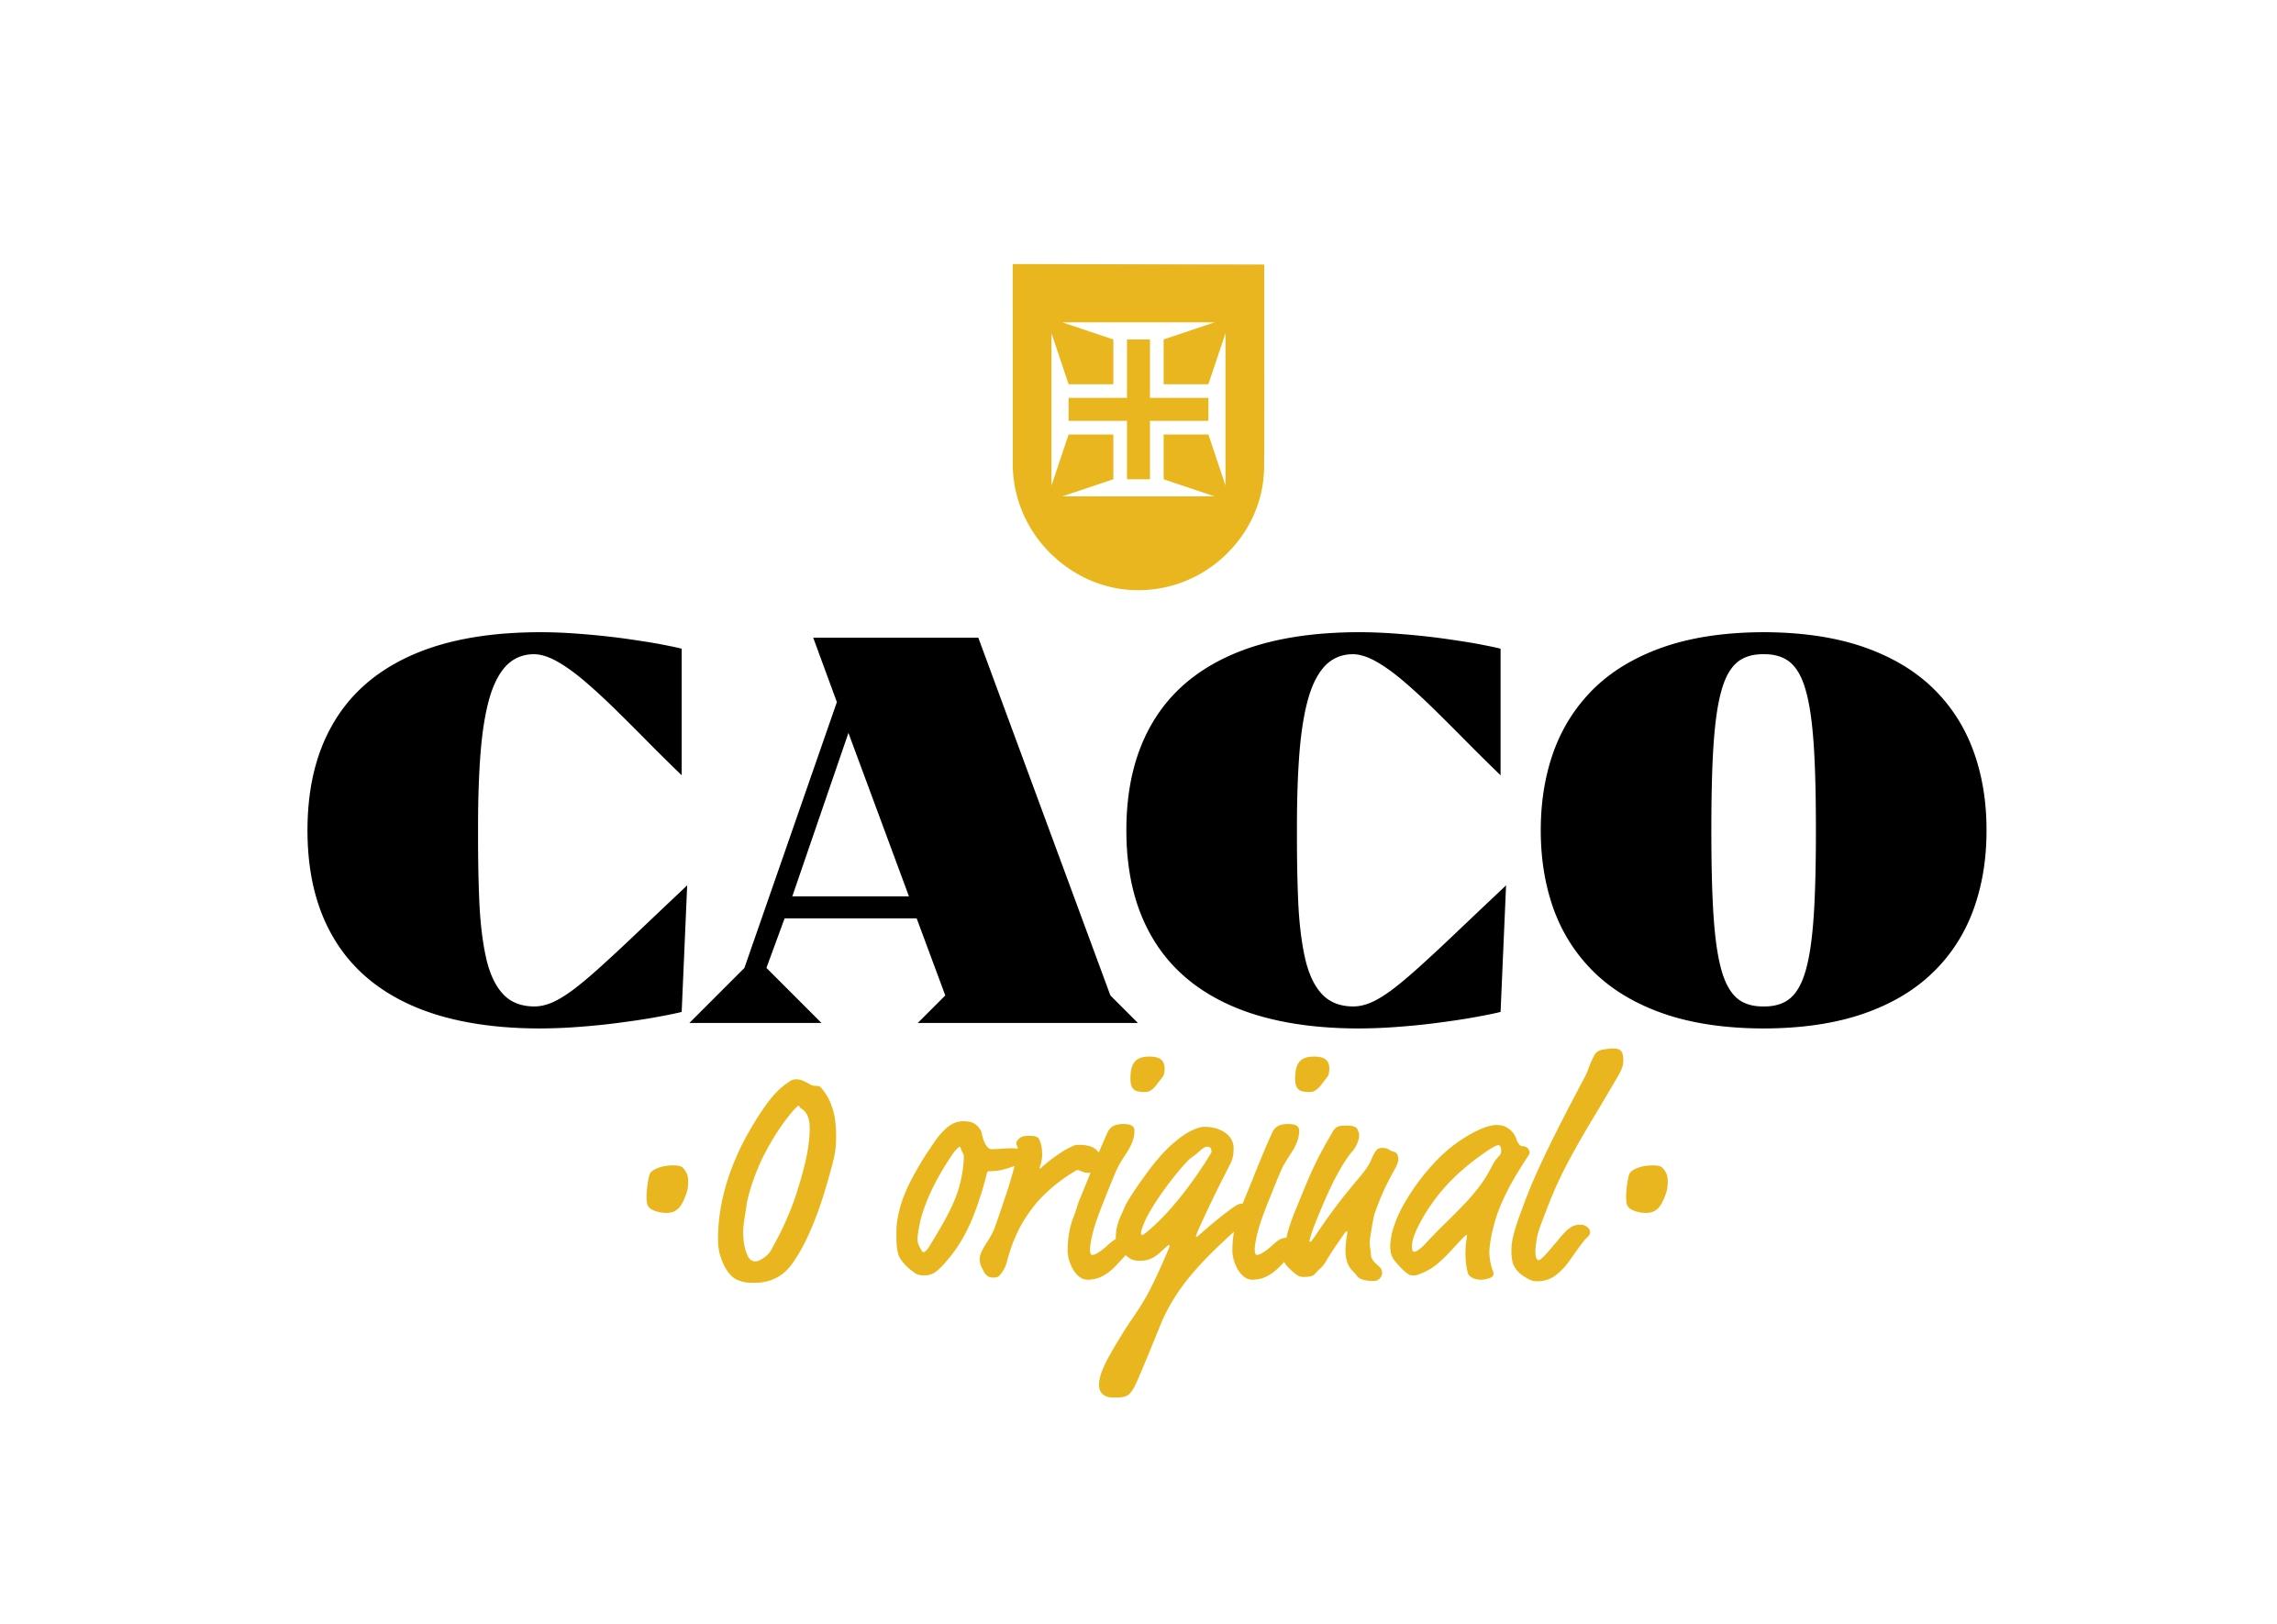 CACO, o Original - o snack café com produtos nacionais de máxima qualidade!